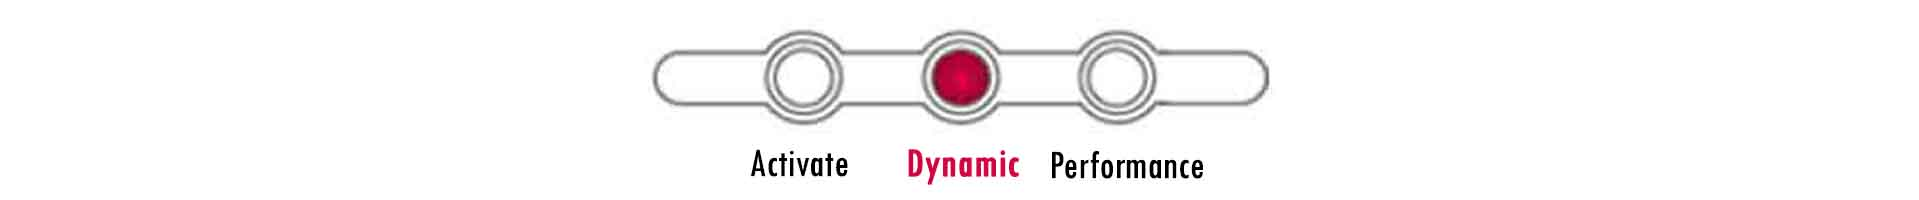 Dynamic Level